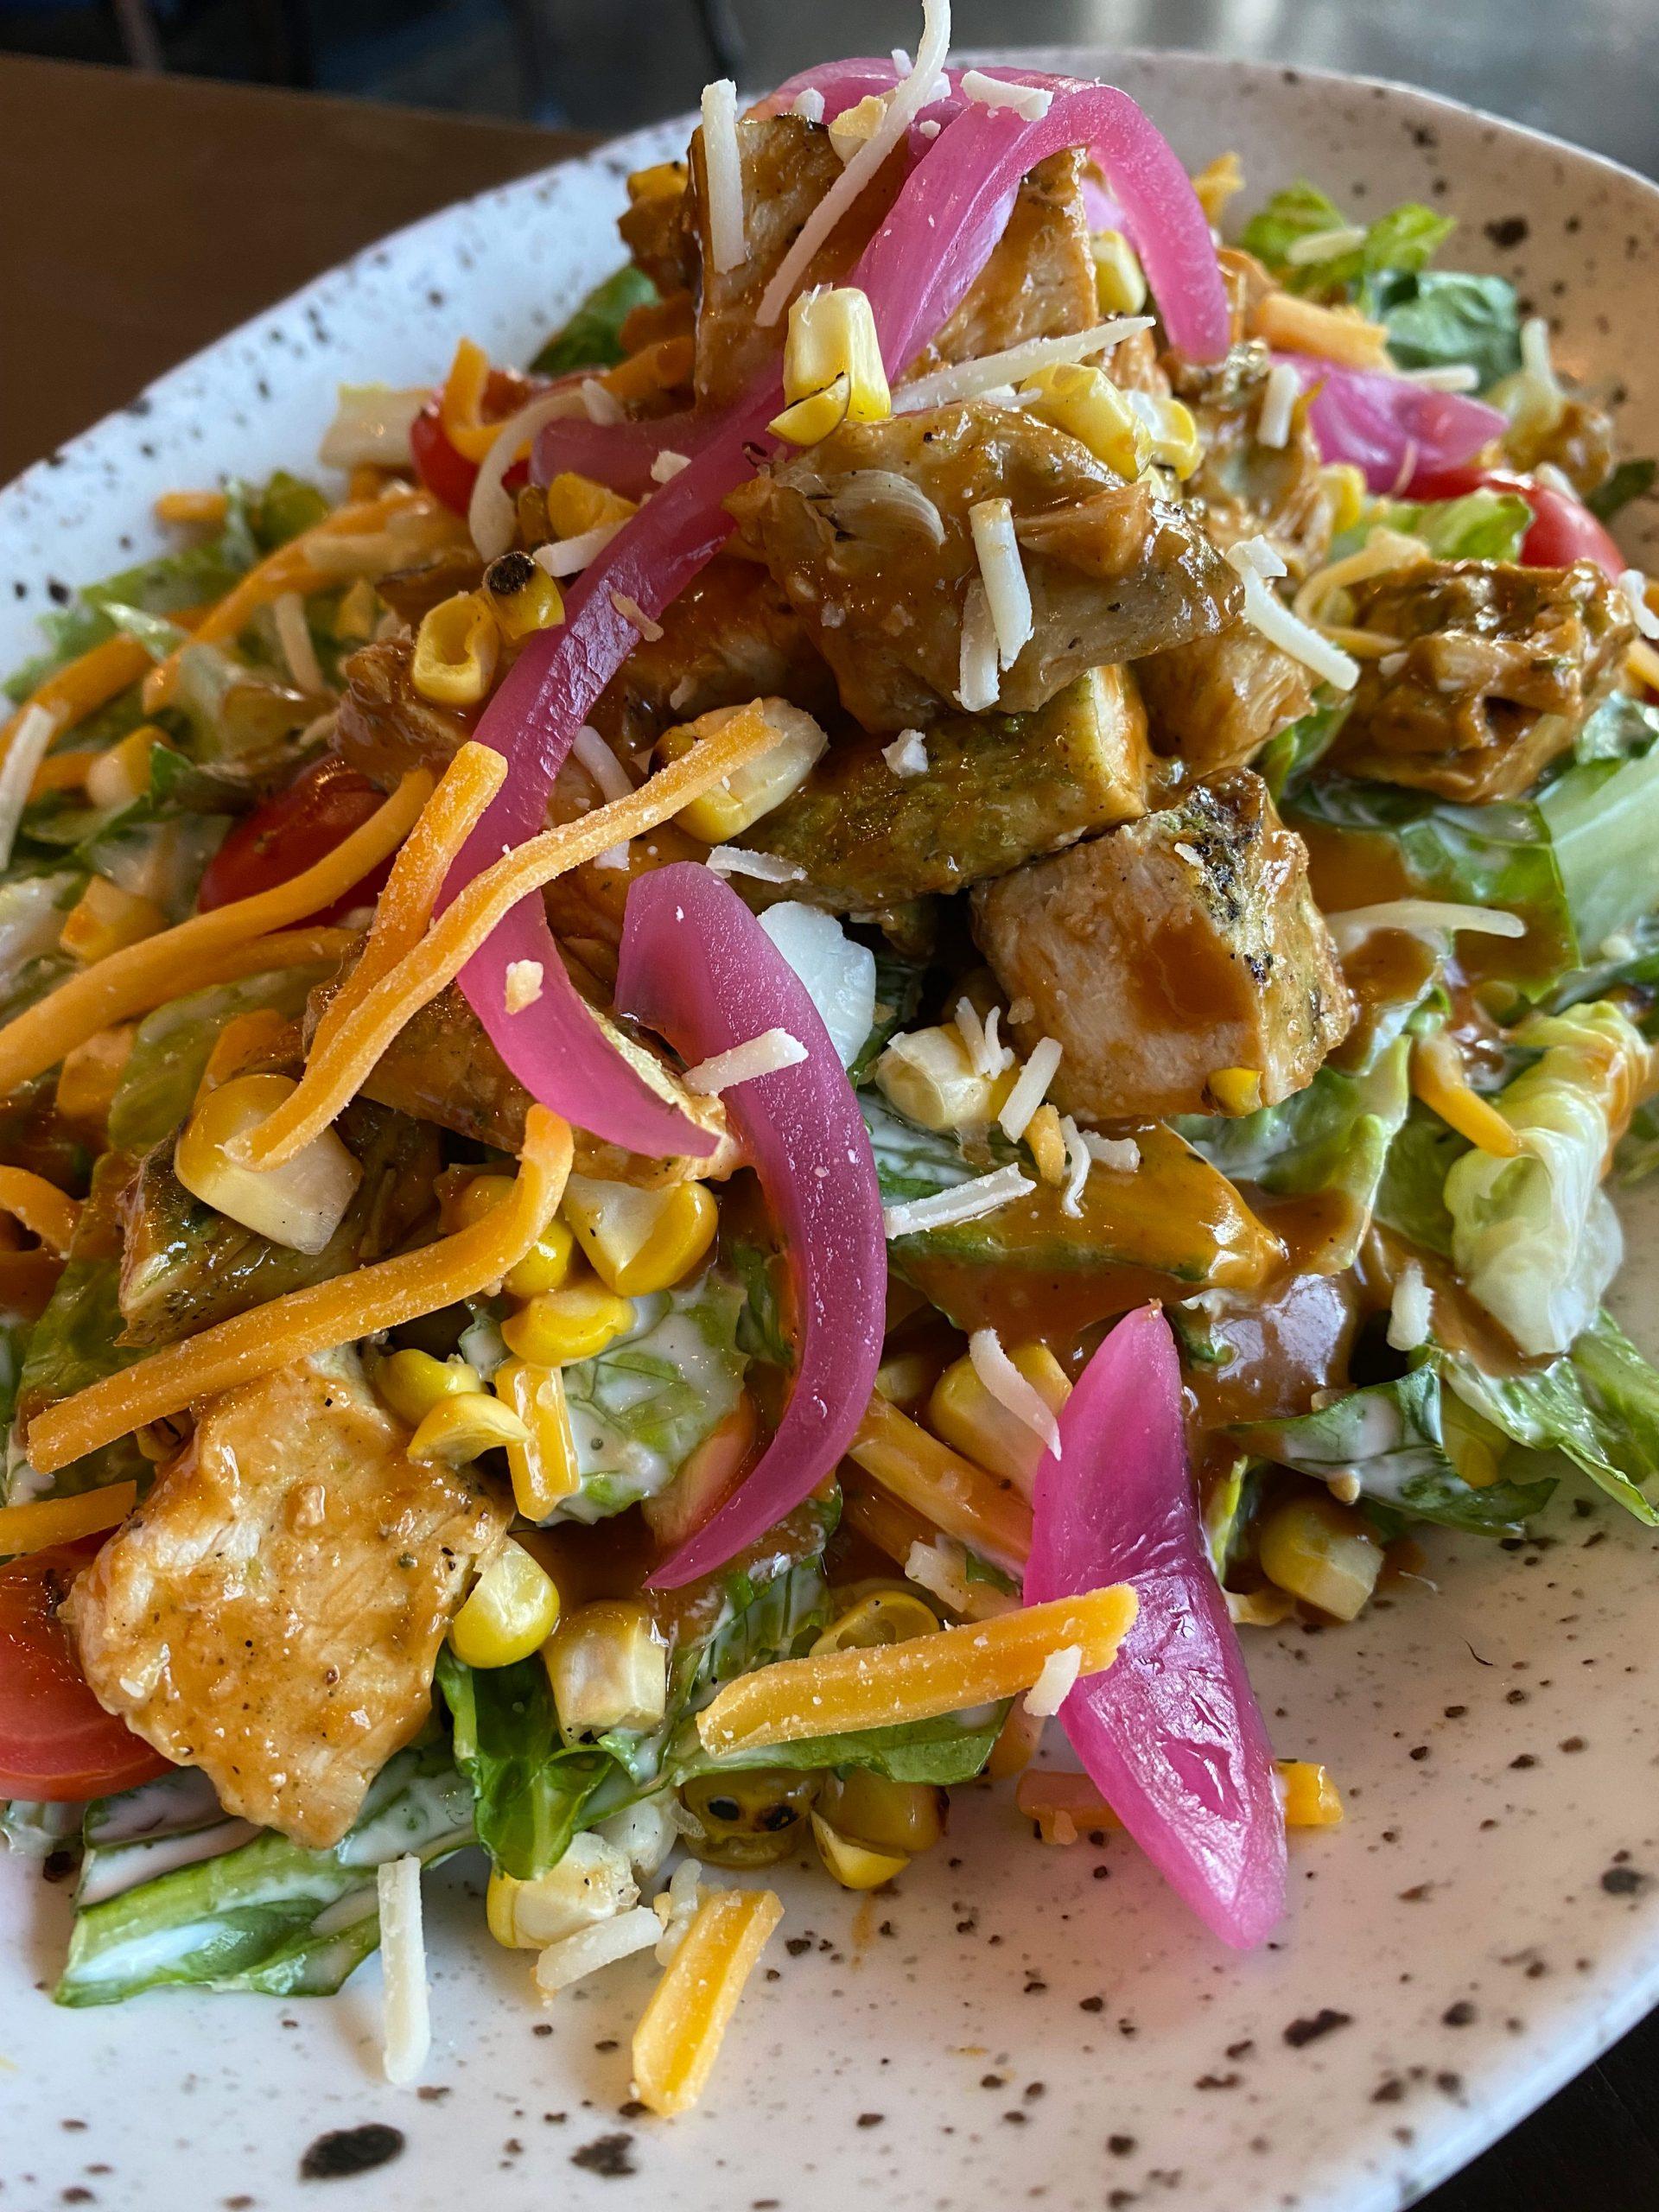 BBQ Chicken Salad at Dierks Bentley's Whiskey Row Gilbert. Photo by Matthew Johnson, PHOENIX